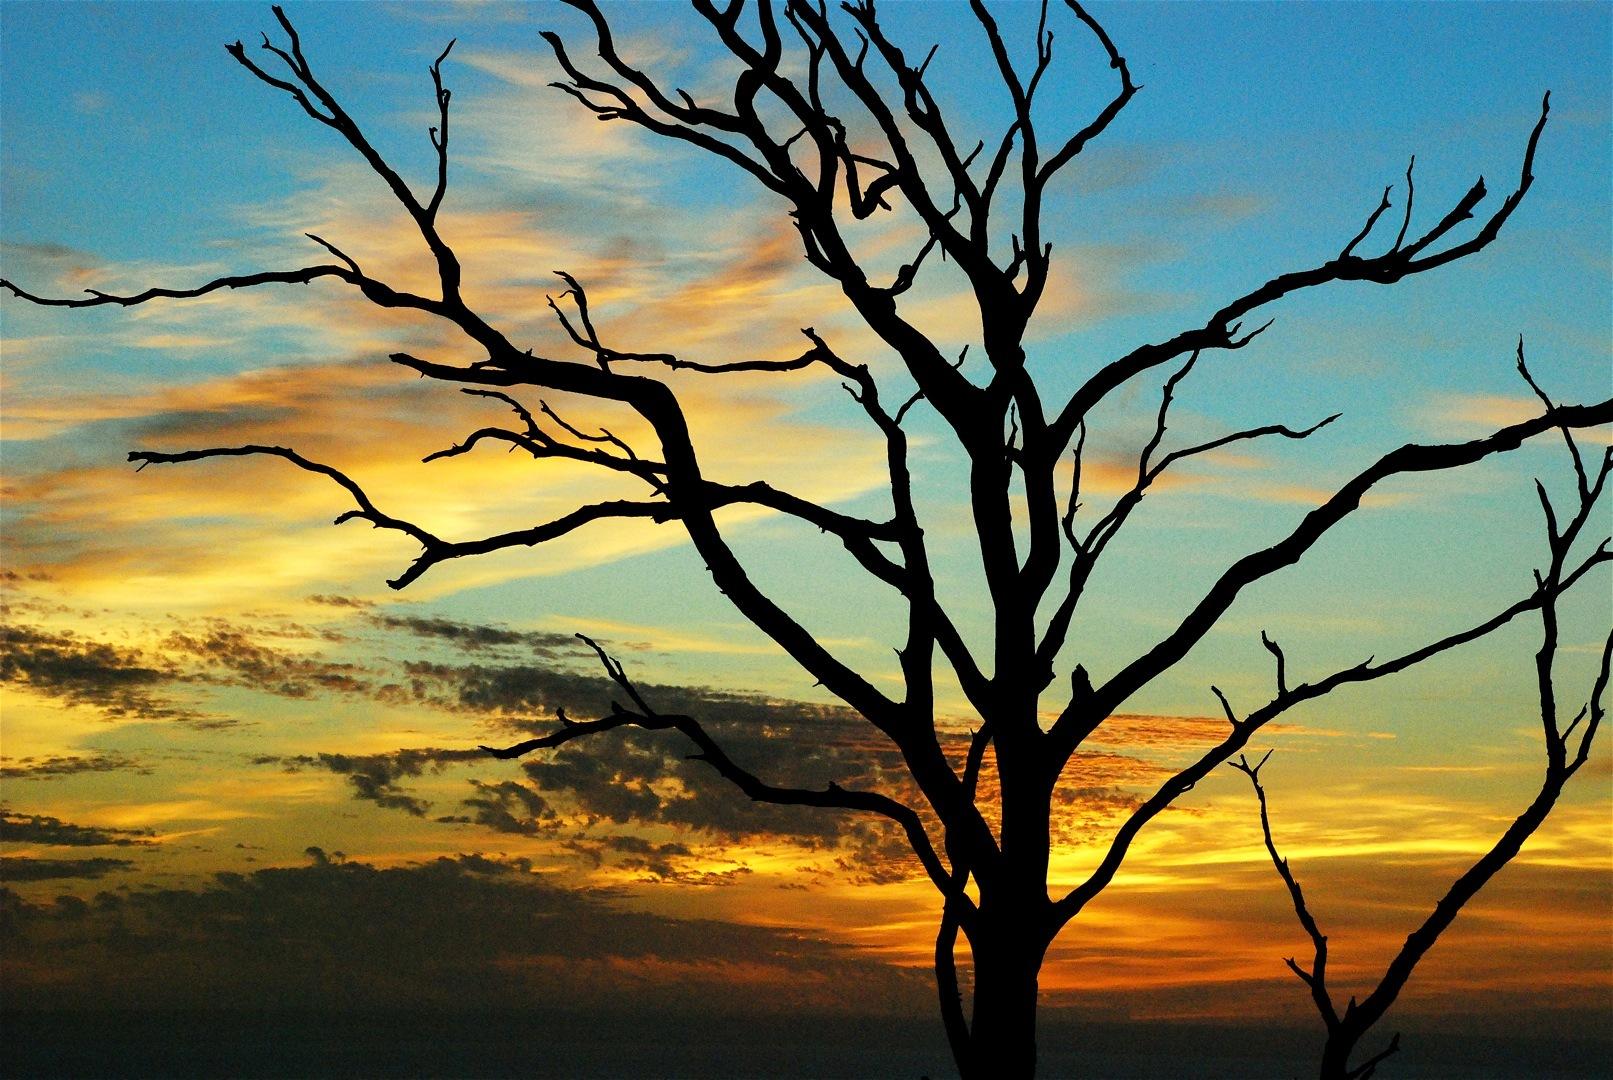 Australia vacaciones trayectorio - Paisajes de australia ...